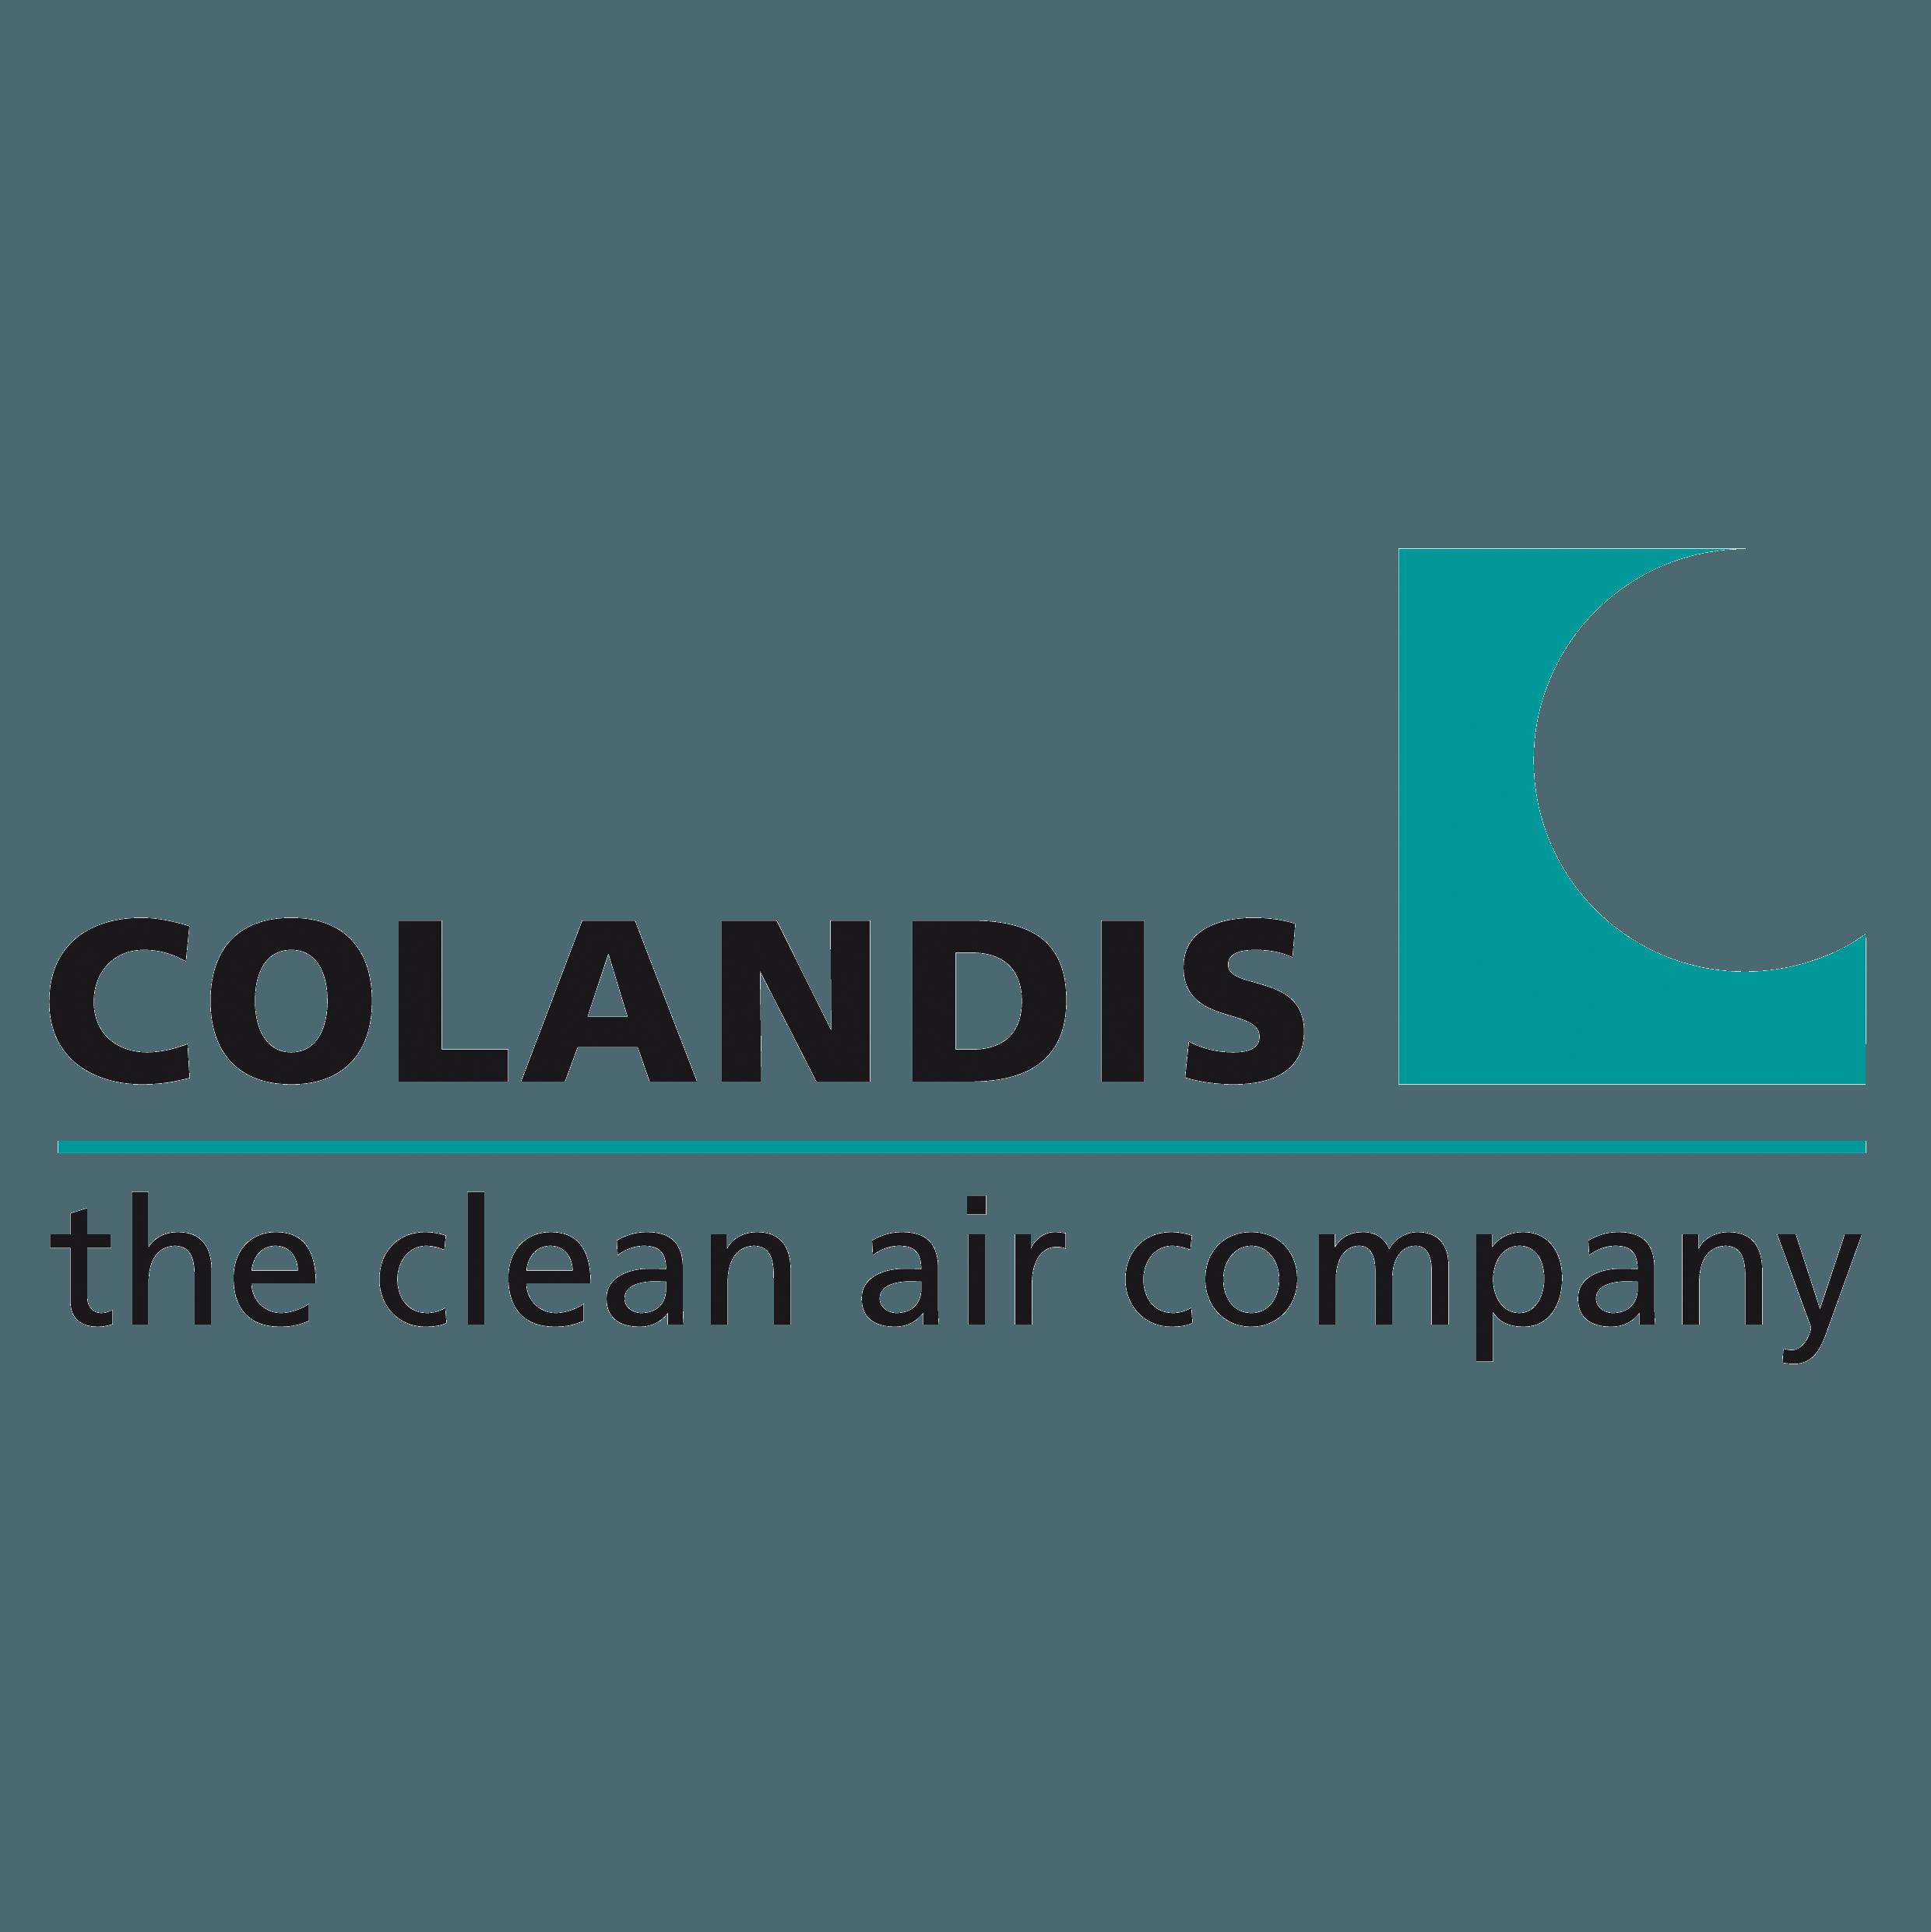 Colandis